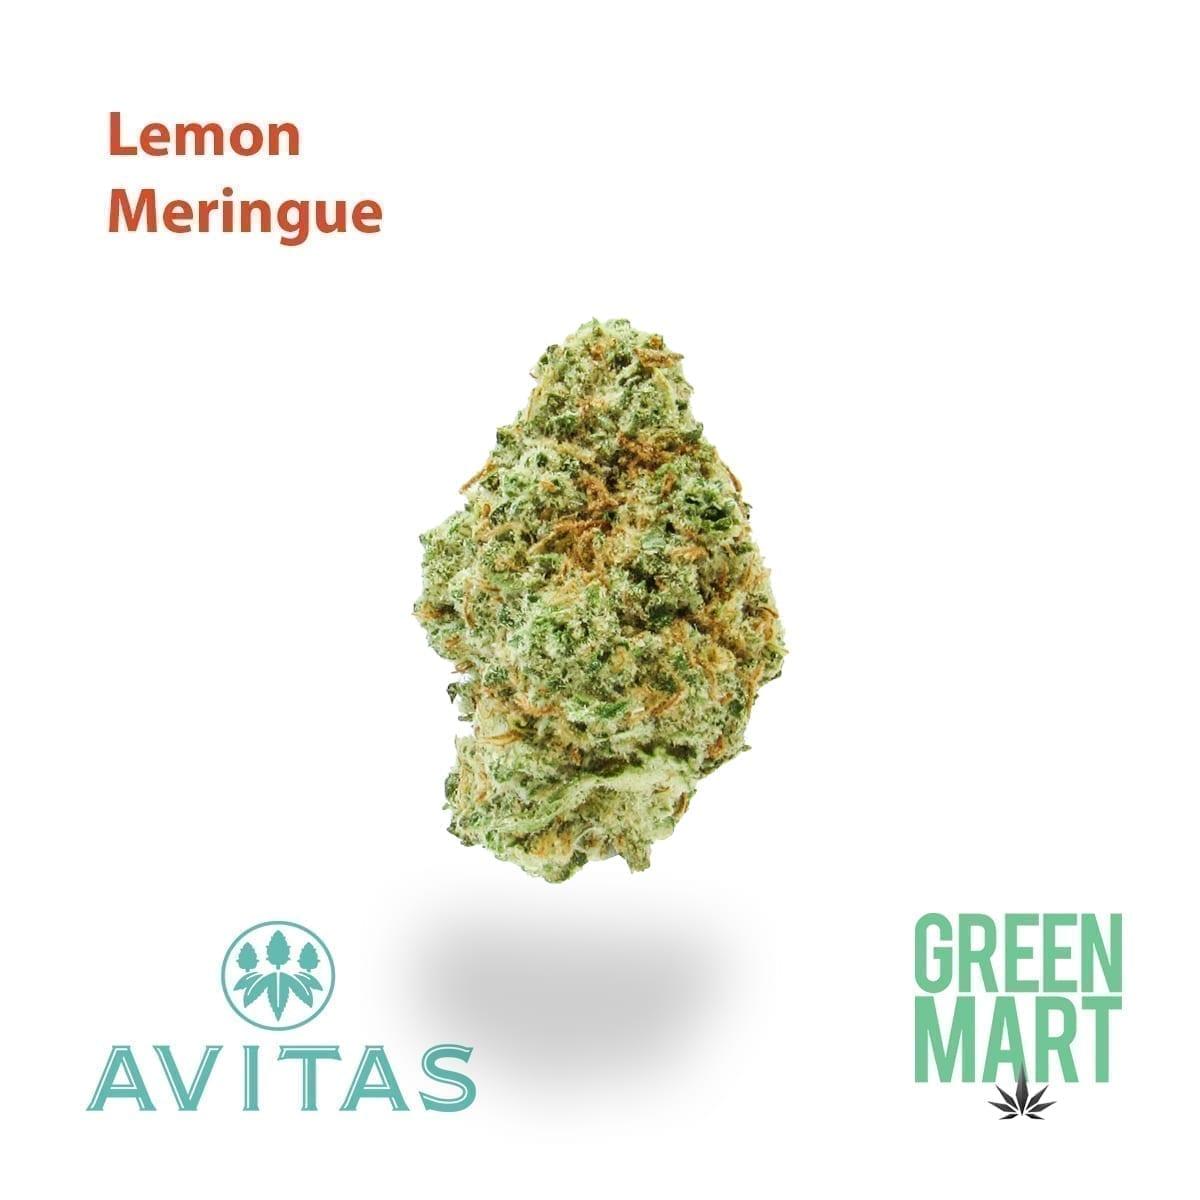 Lemon Meringue Avitas